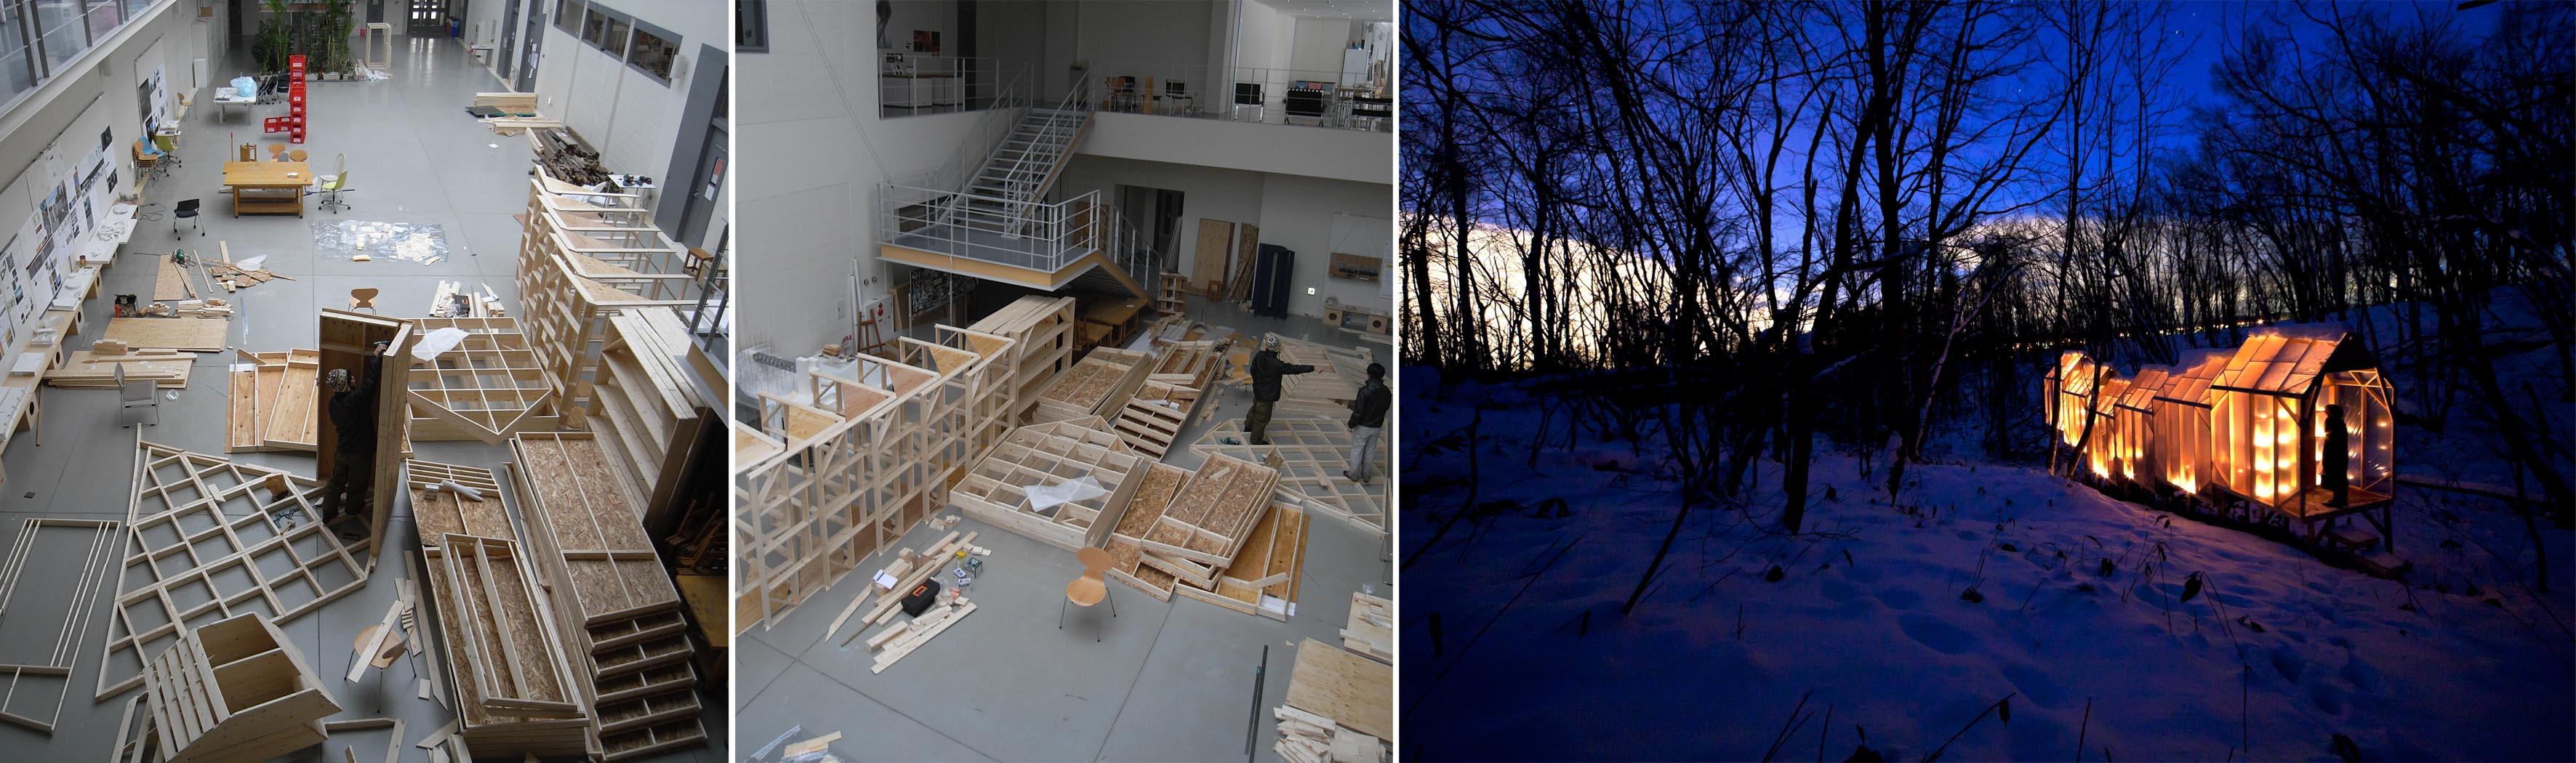 写真1:卒業制作シーズンのキャンパス内のようす。学生ひとりが利用できるスペースも北海道ならではです 作品は西田秀己君卒業制作「集会所ハウス」